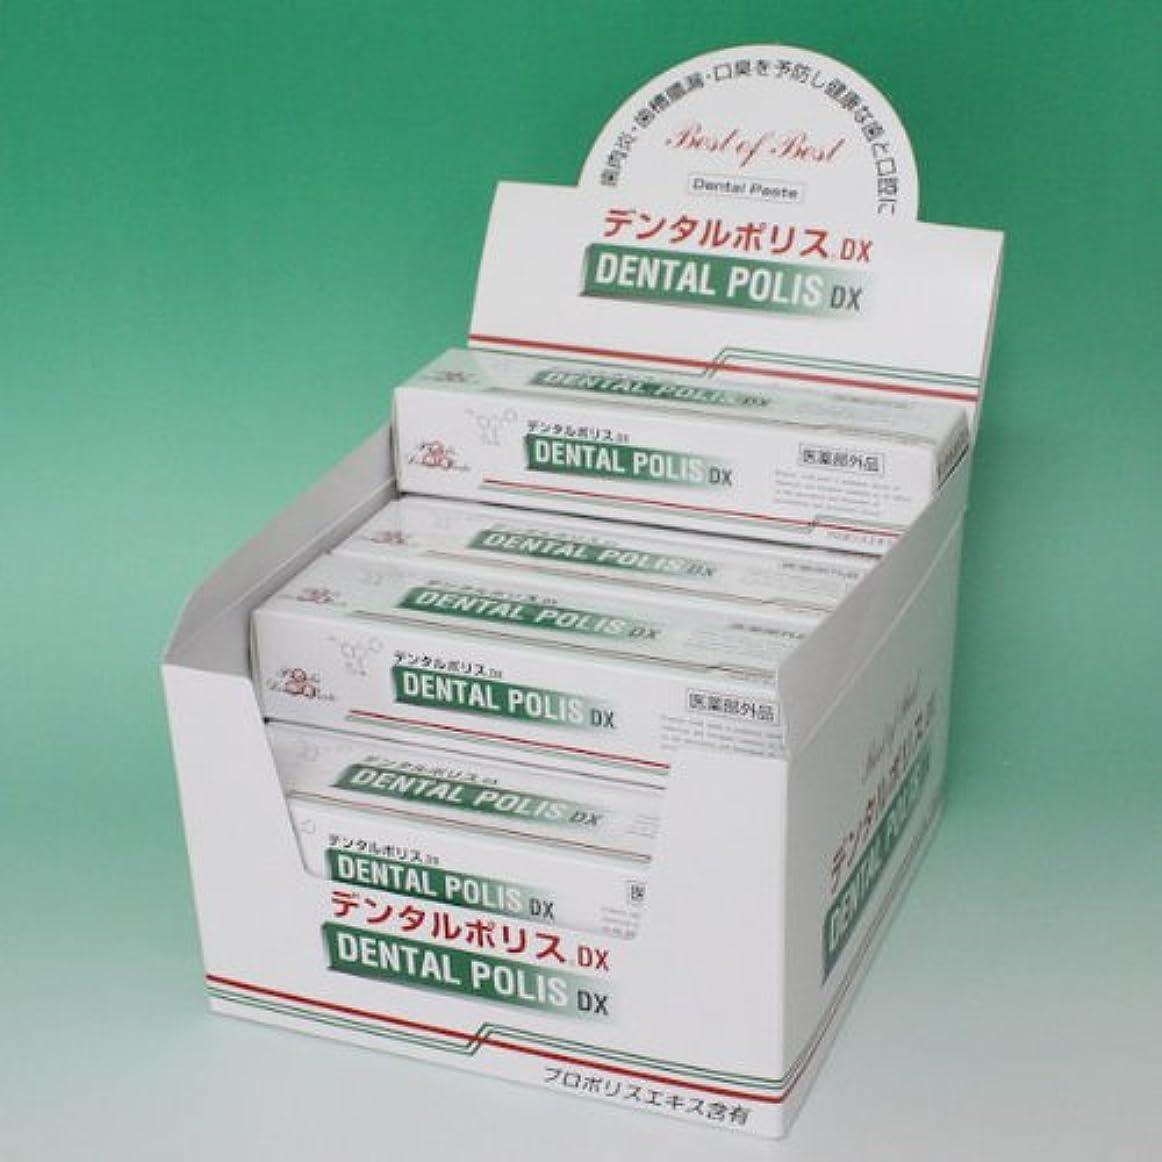 三角有名ななくなるデンタルポリスDX 80g  12本セット 医薬部外品  歯みがき 8gサンプル2本 進呈!